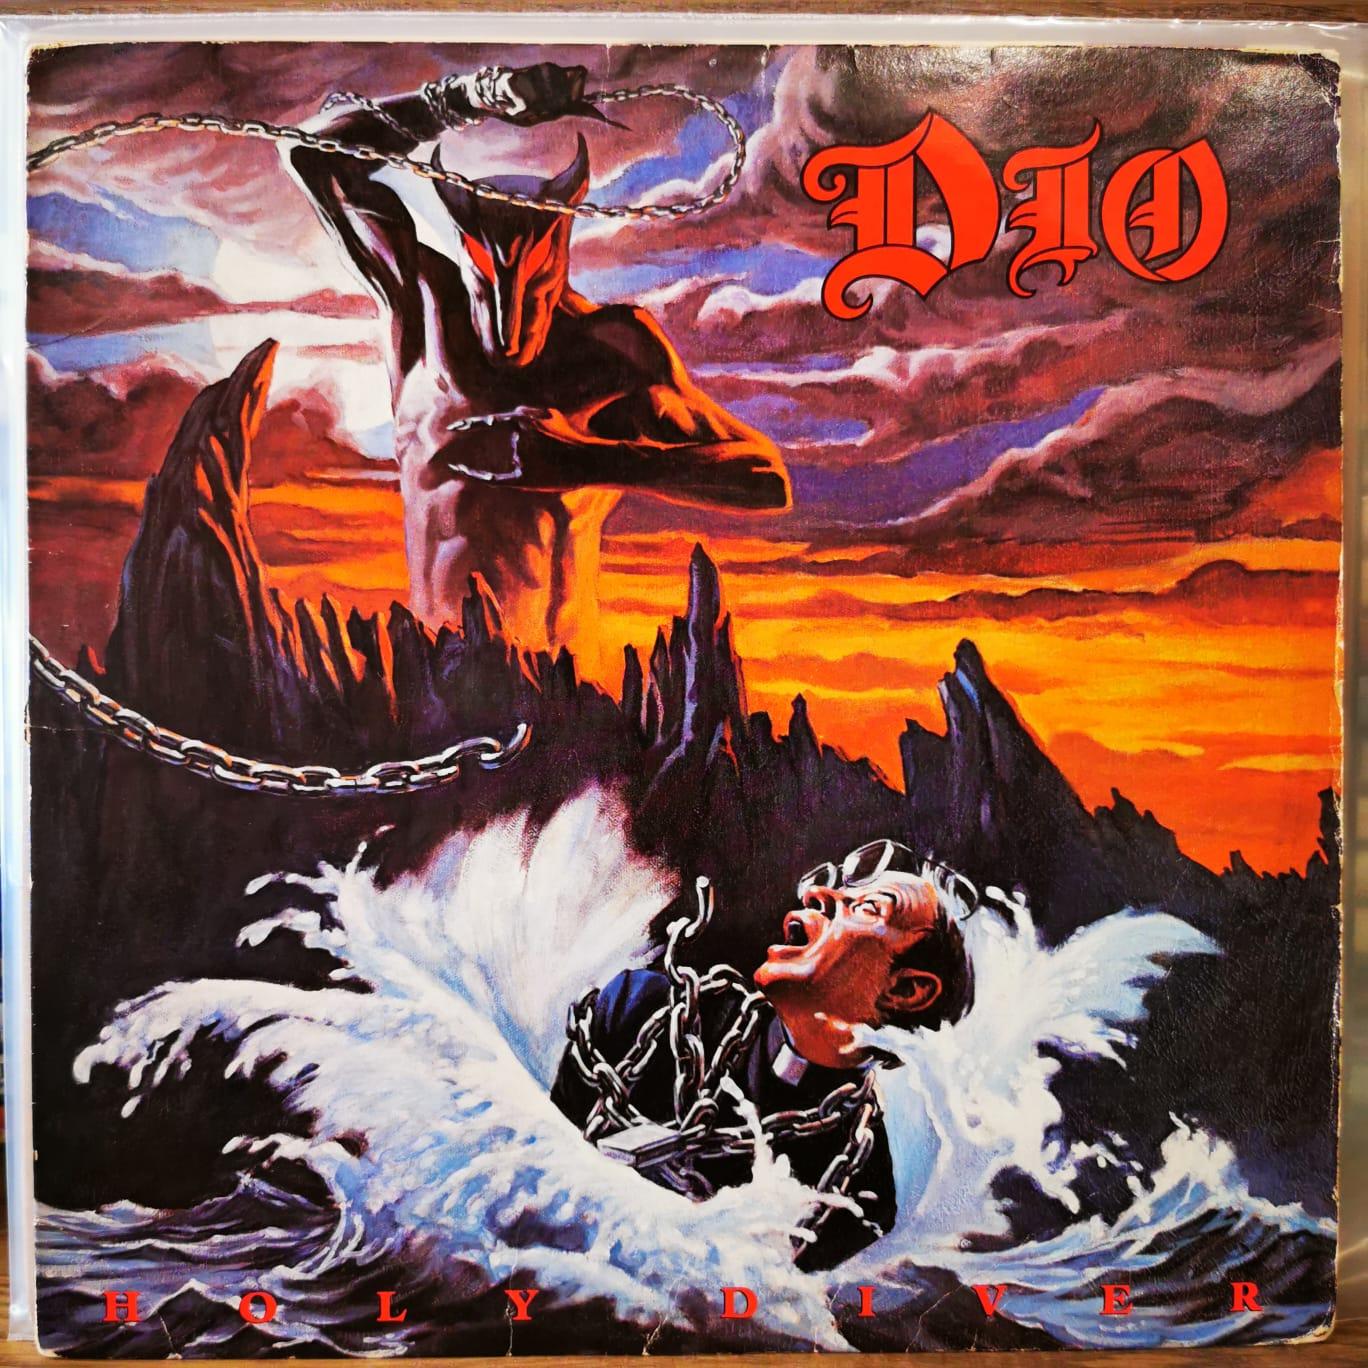 DIO - HOLY DIVER - Vinyl, LP, Album